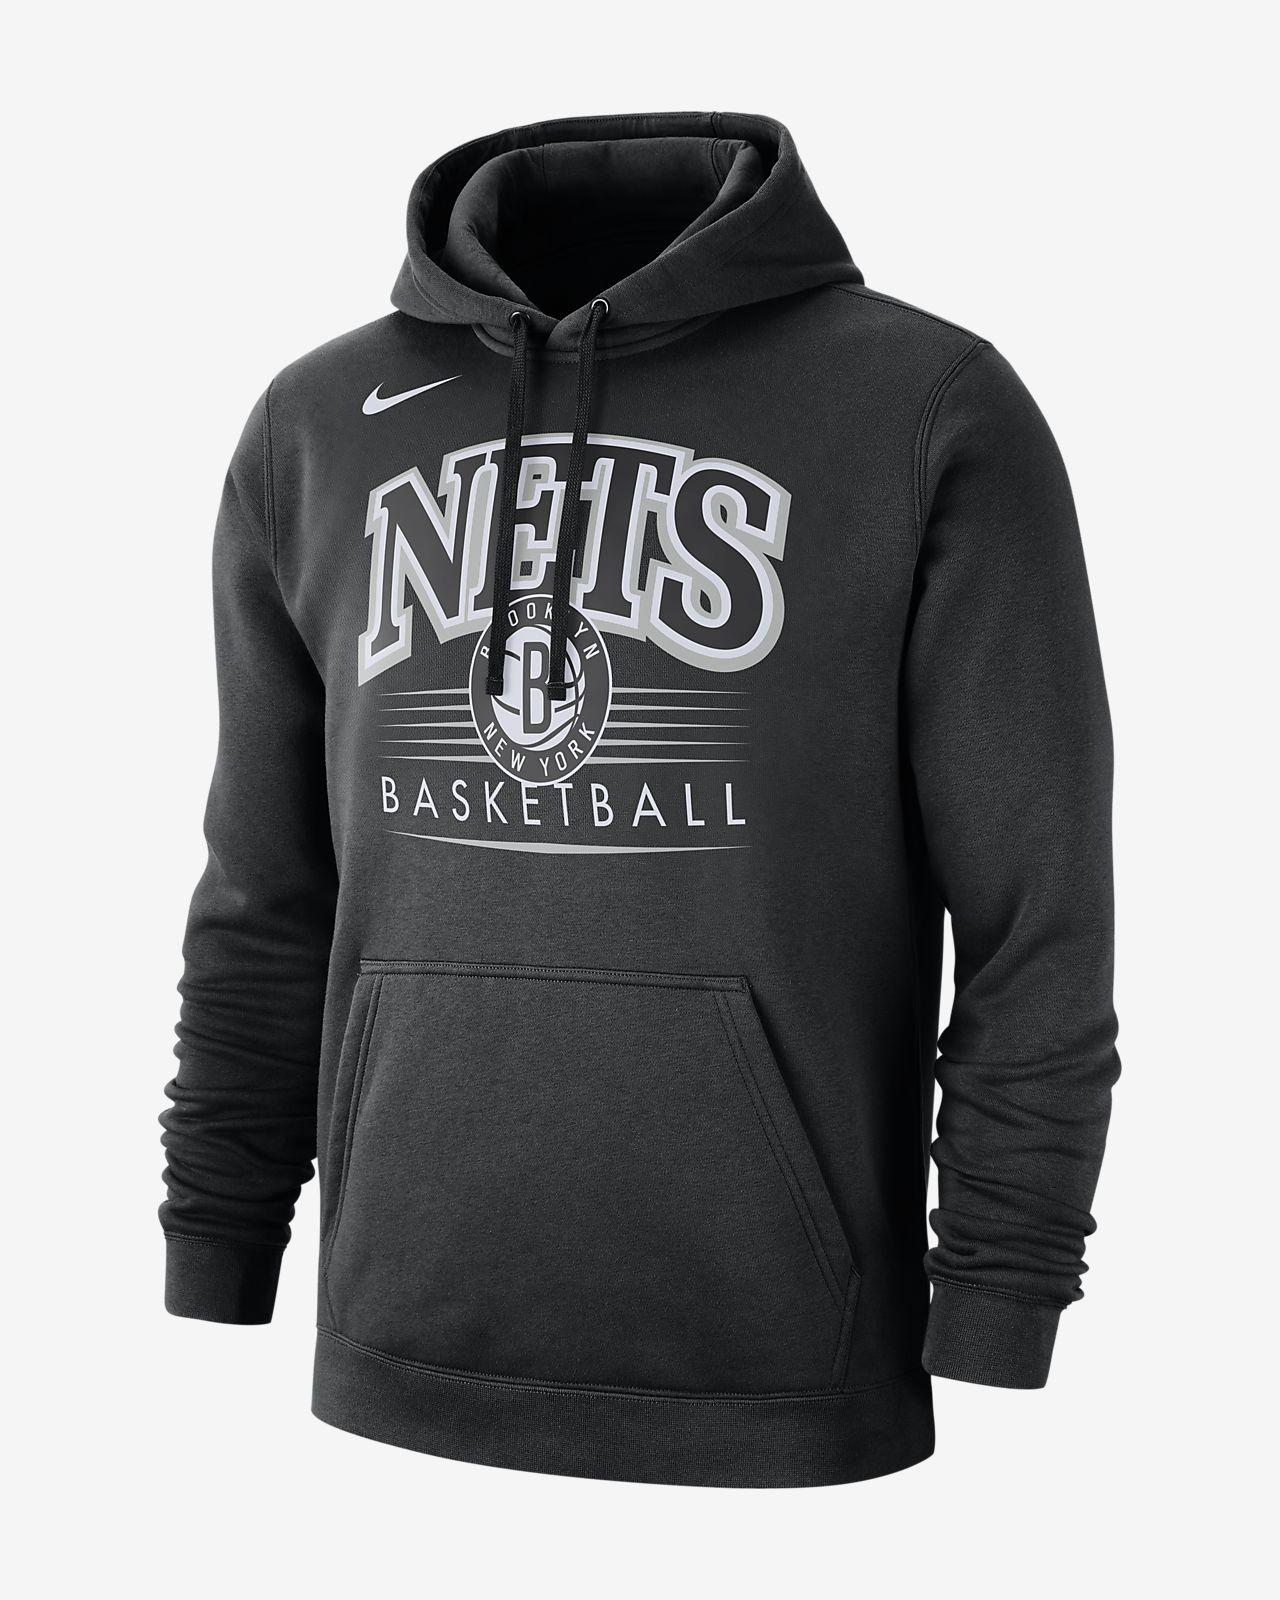 7a309c07308e Brooklyn Nets Nike Men s NBA Hoodie. Nike.com CA